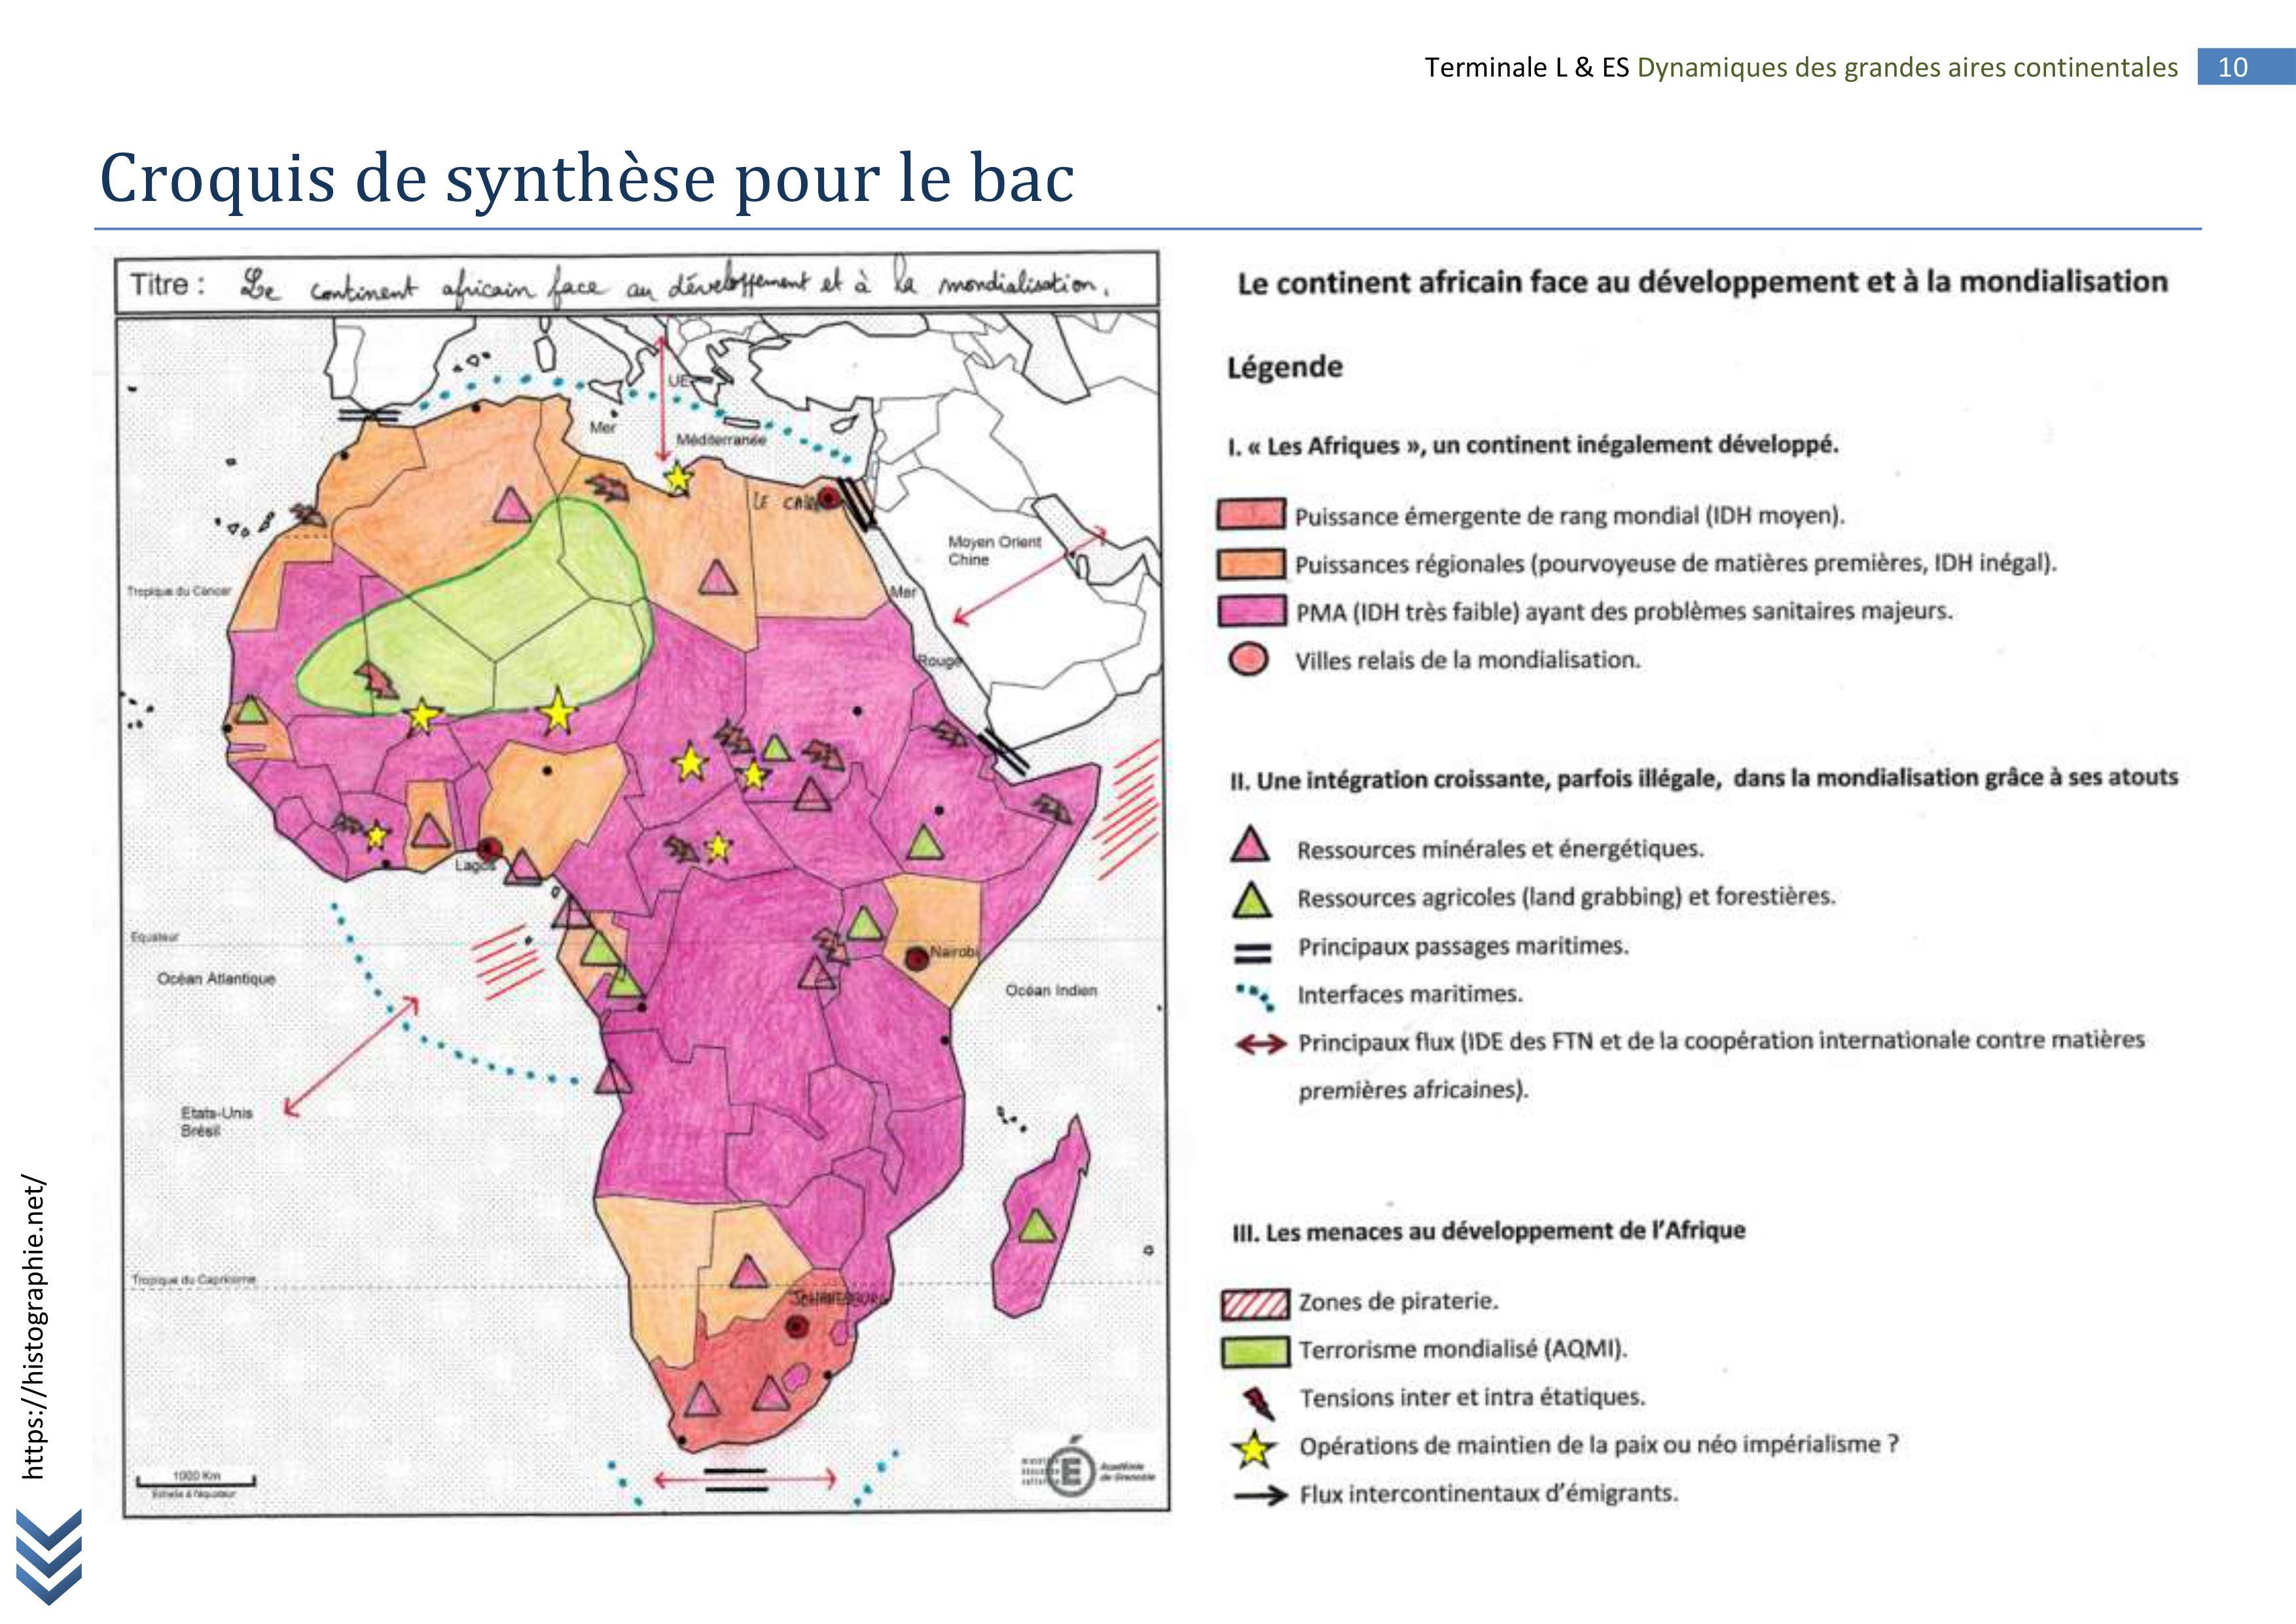 Carte Afrique Terminale Es.Afrique Terminale L Fiche Bac 10 Histographie